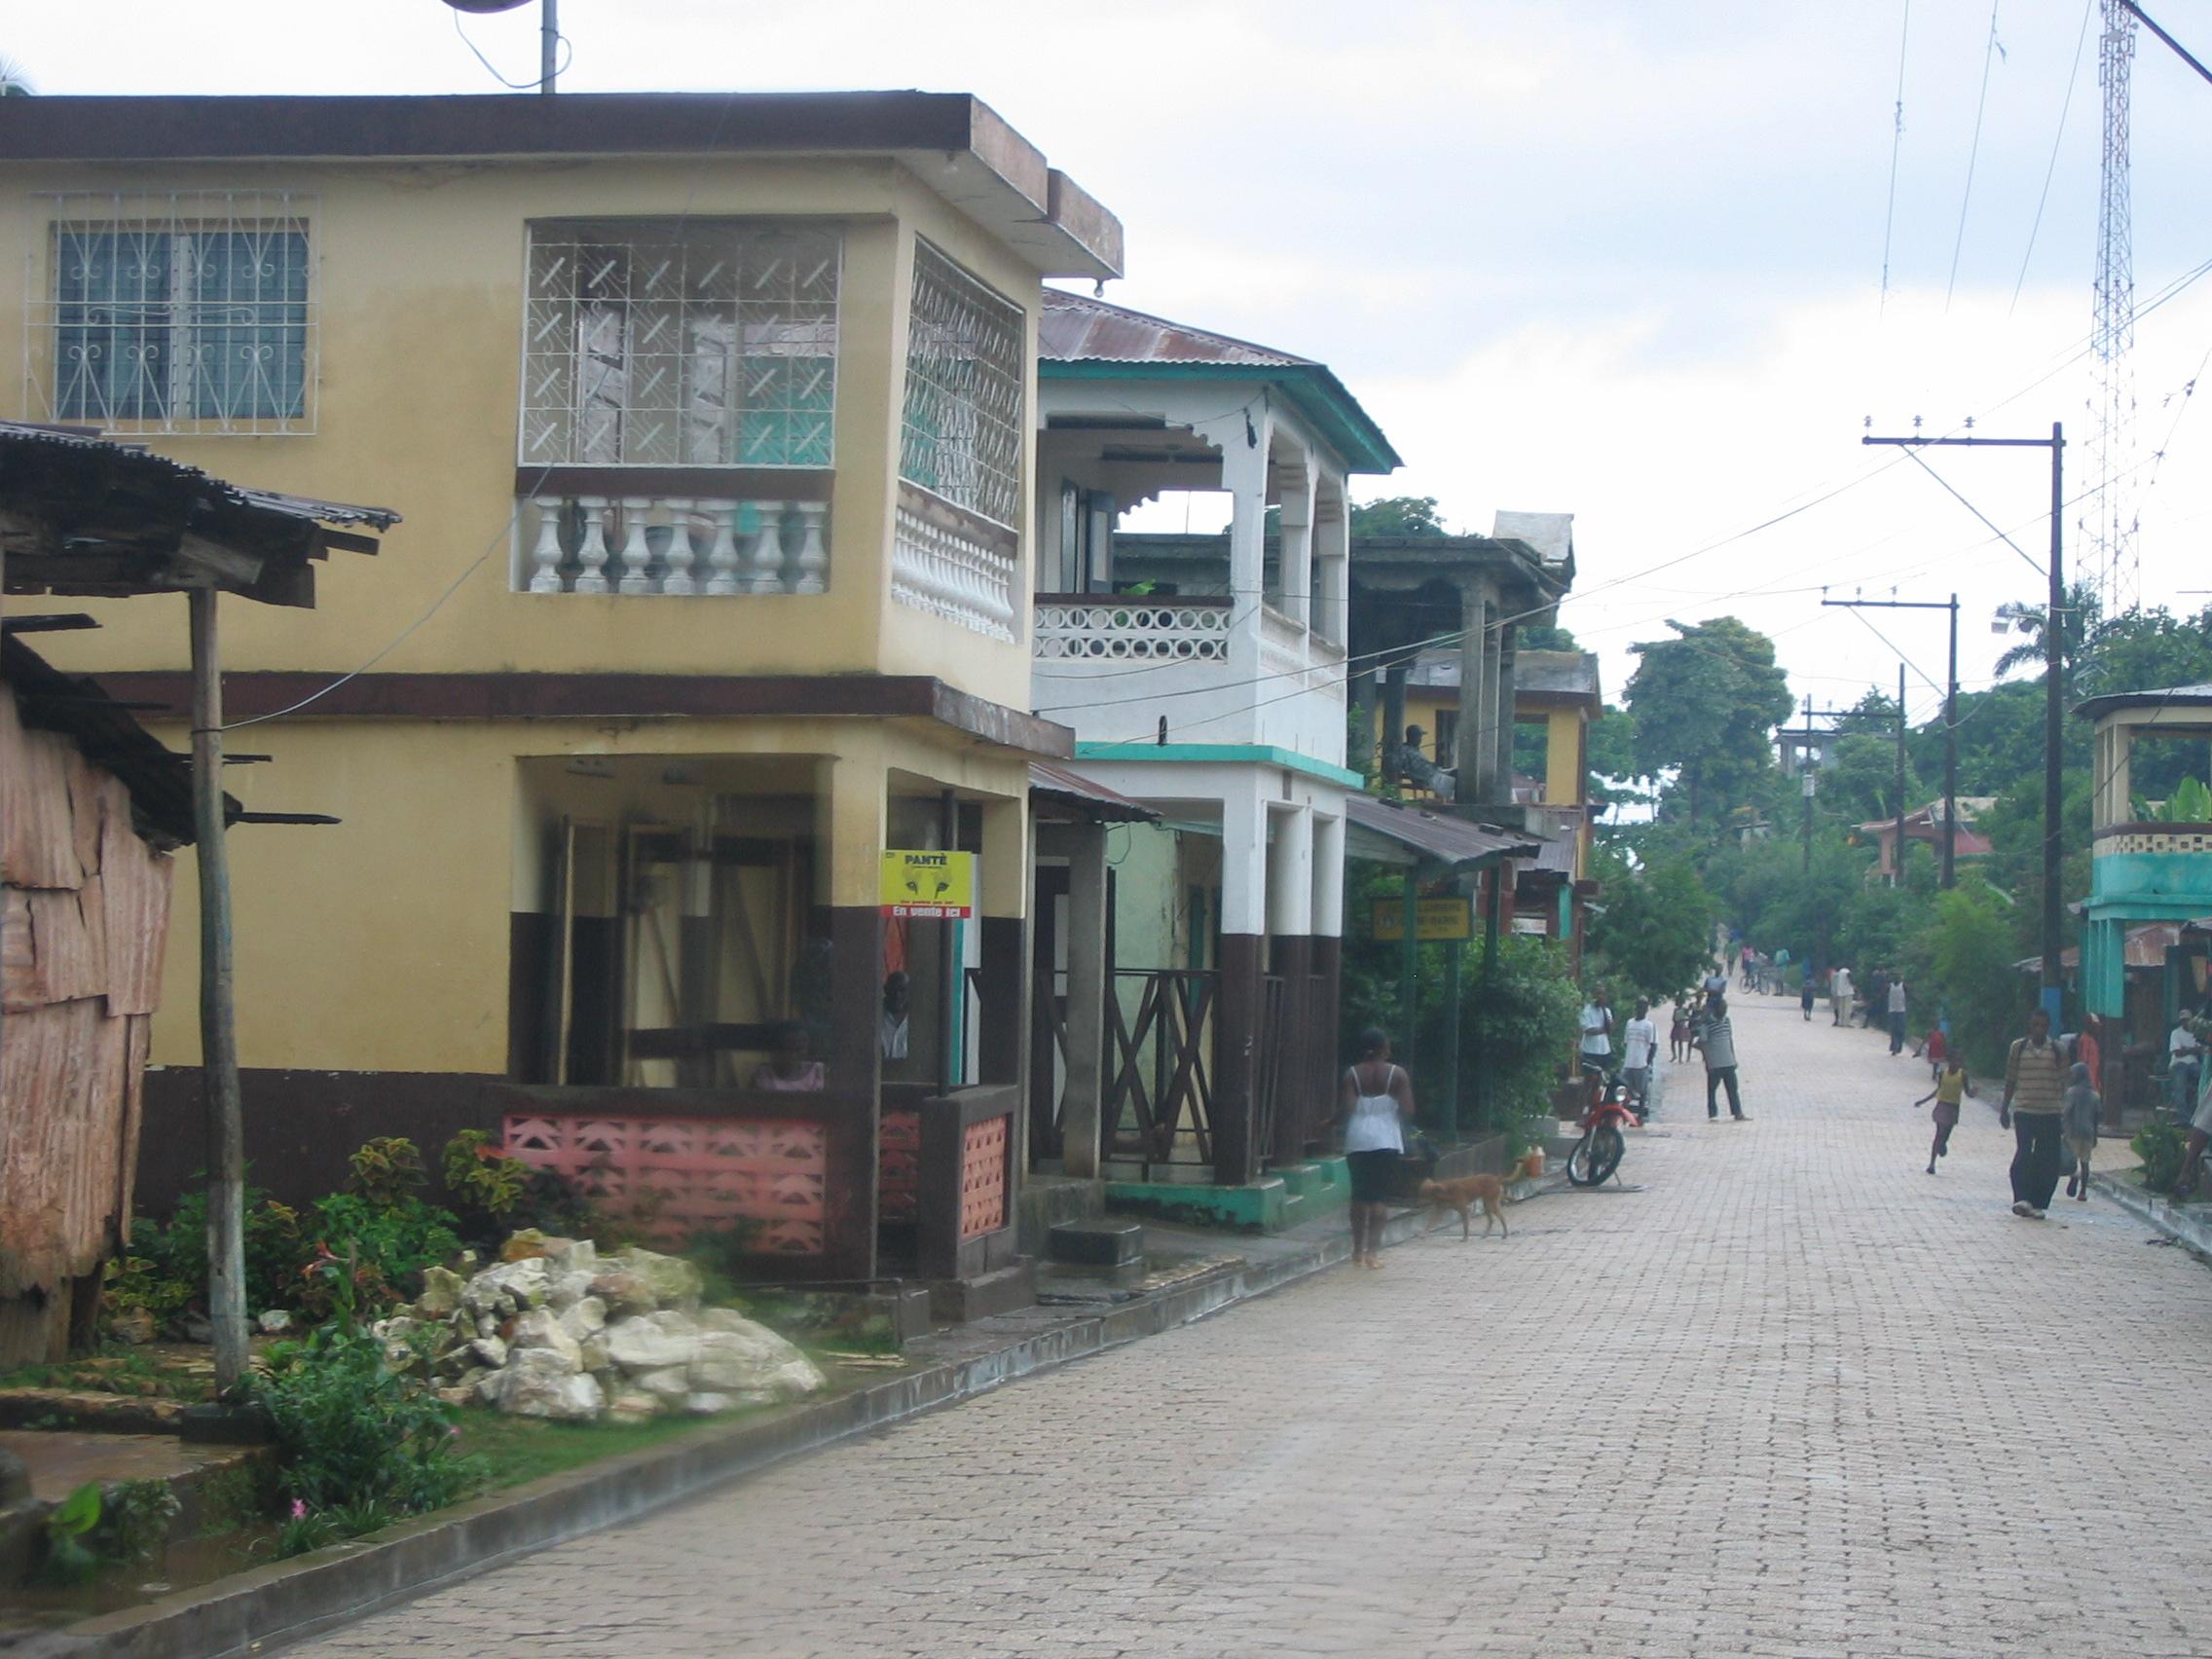 Hotel Corail Sainte Luce Martinique